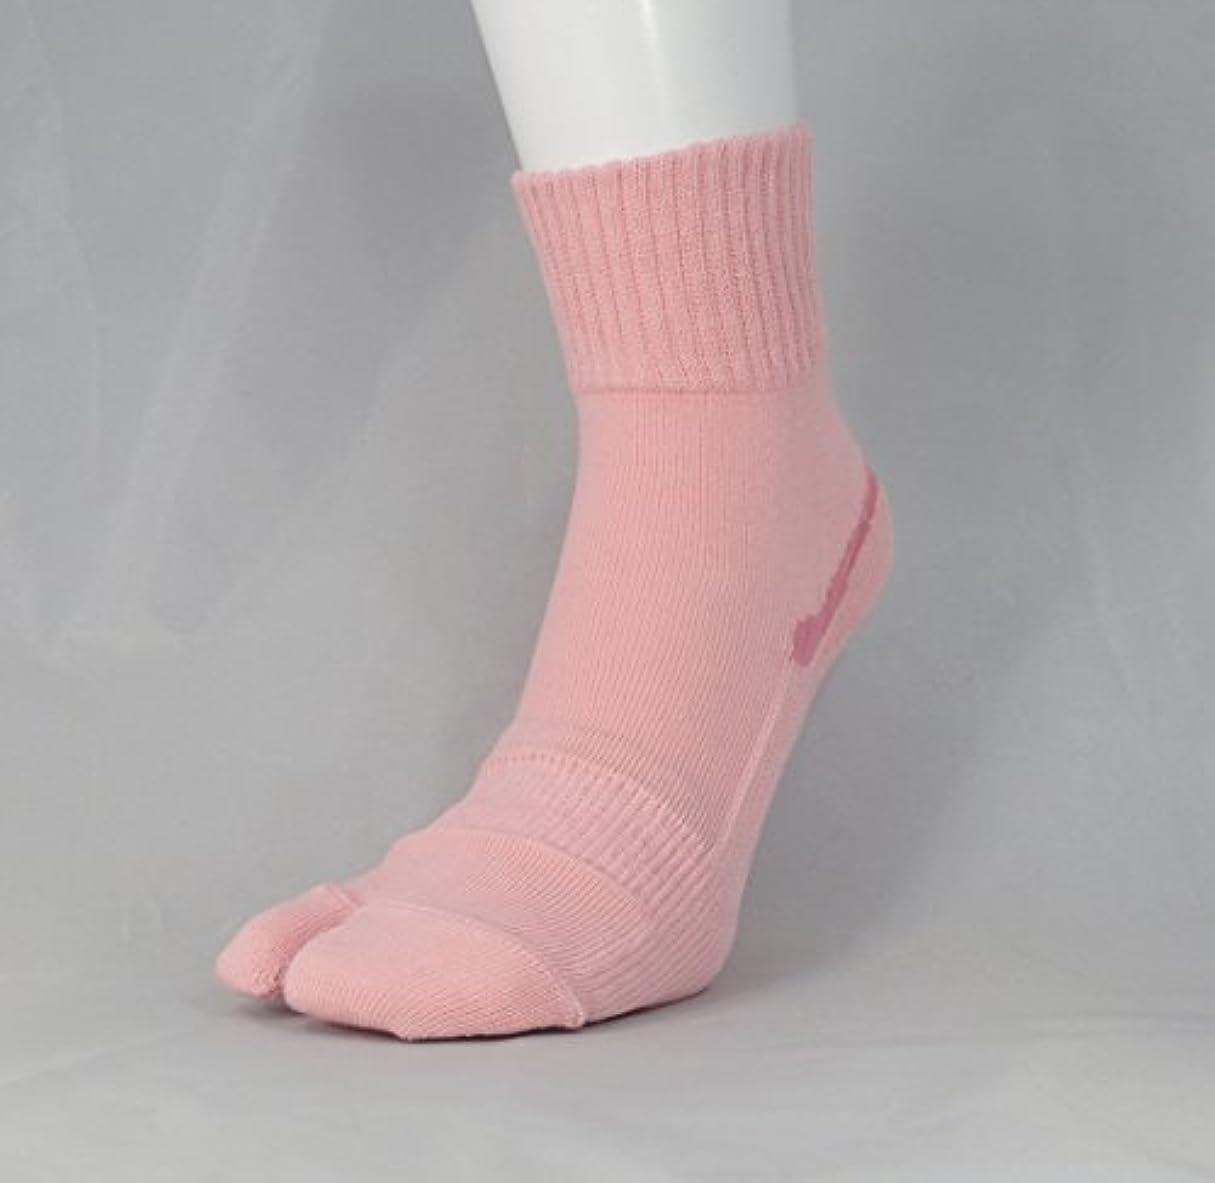 【あしサポ】履くだけで足がラクにひらく靴下 外反母趾に (Mサイズ(23-24センチ), ピンク)